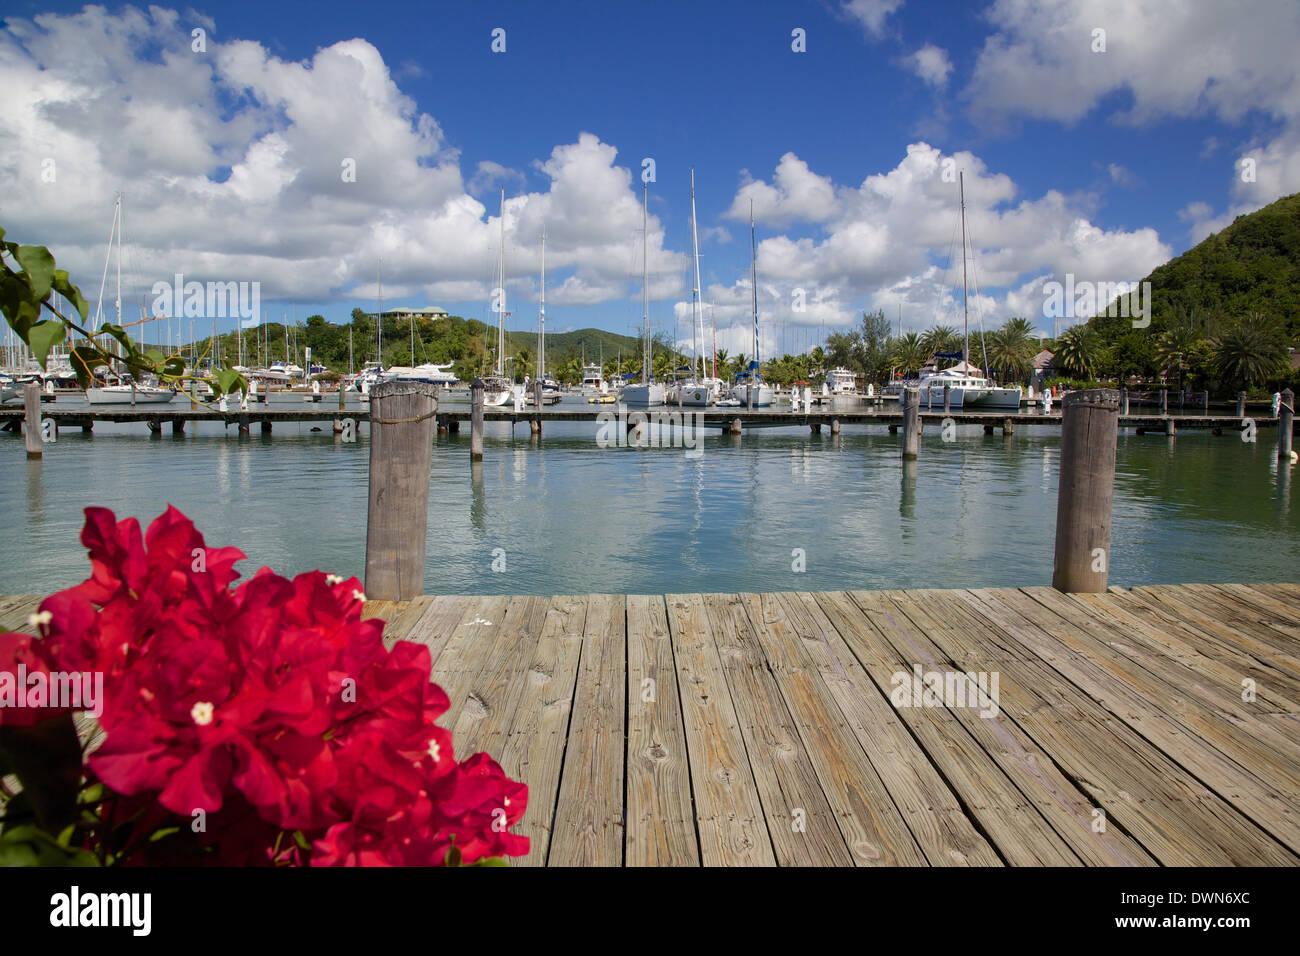 Jolly Harbour, a Santa María la Antigua, Islas de Sotavento, Antillas, Caribe, América Central Imagen De Stock